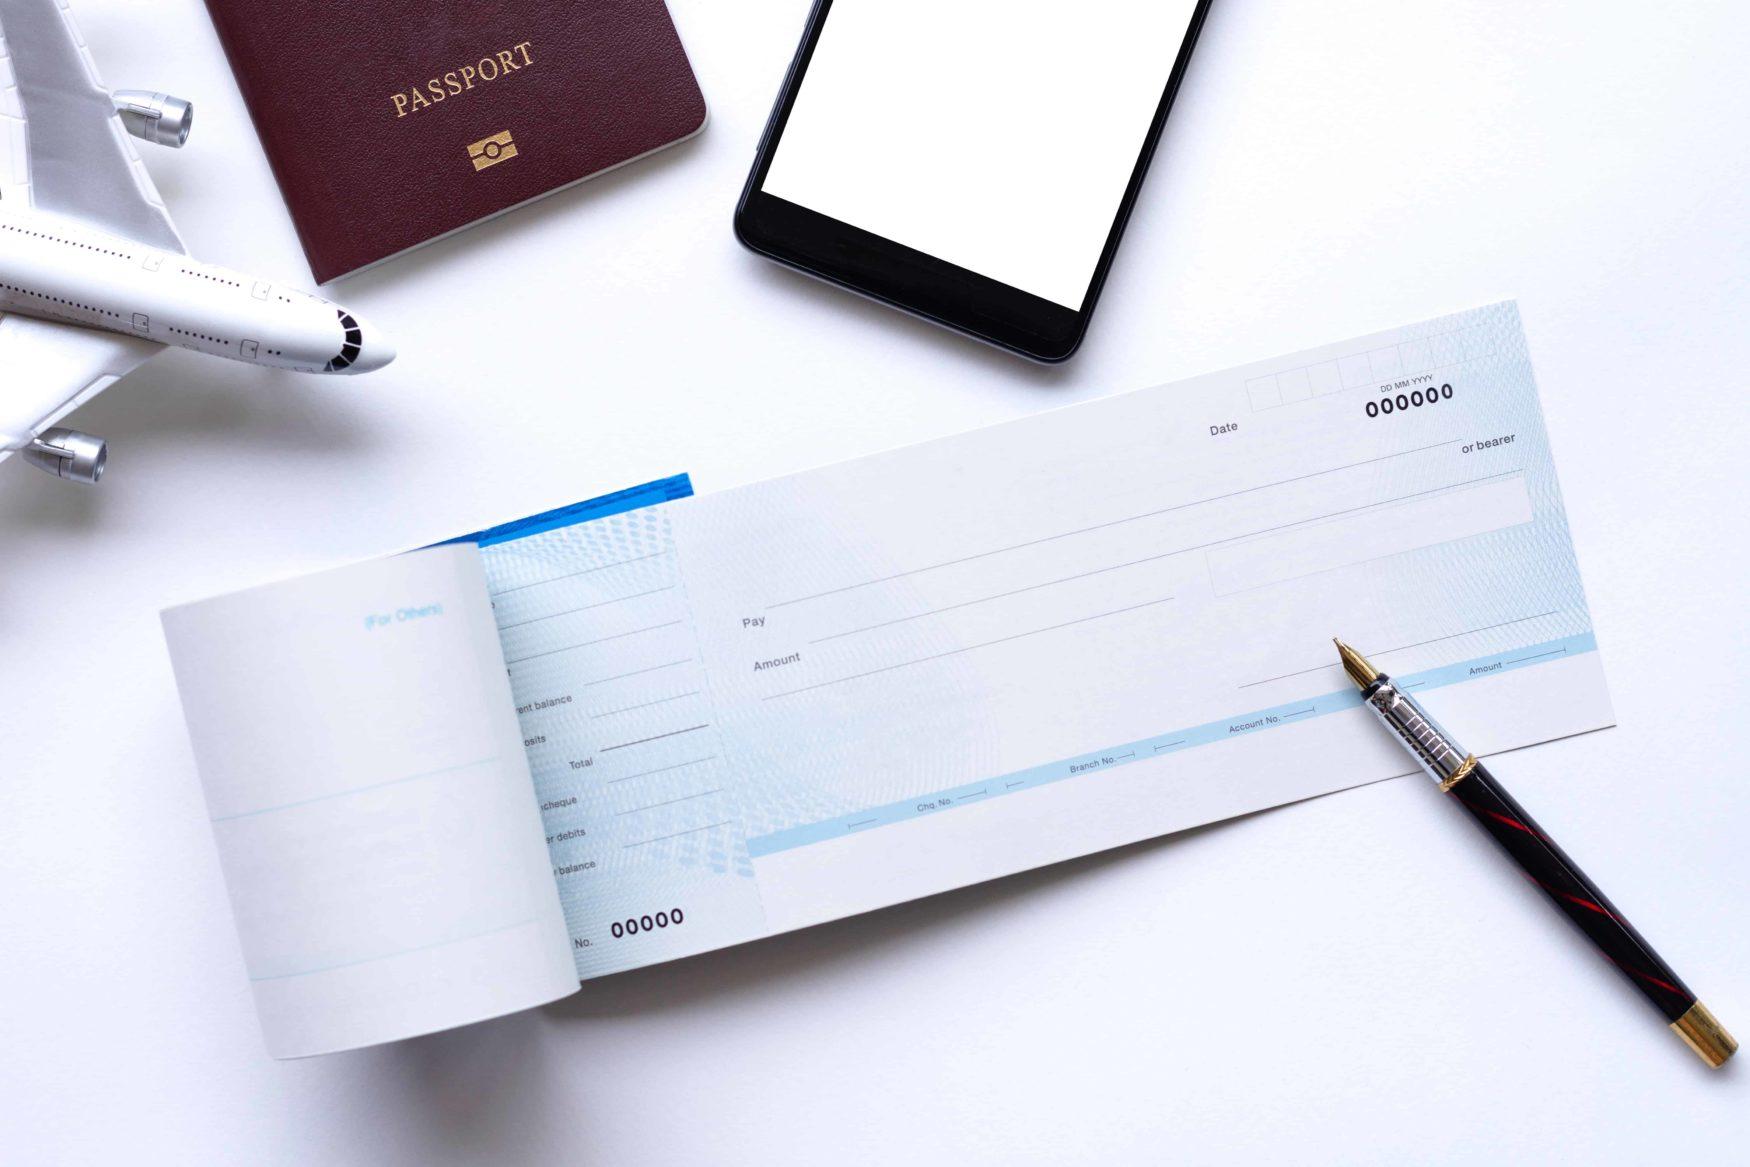 Flugzeug, Scheckbuch, Handy und Pass als Reiseunterlagen